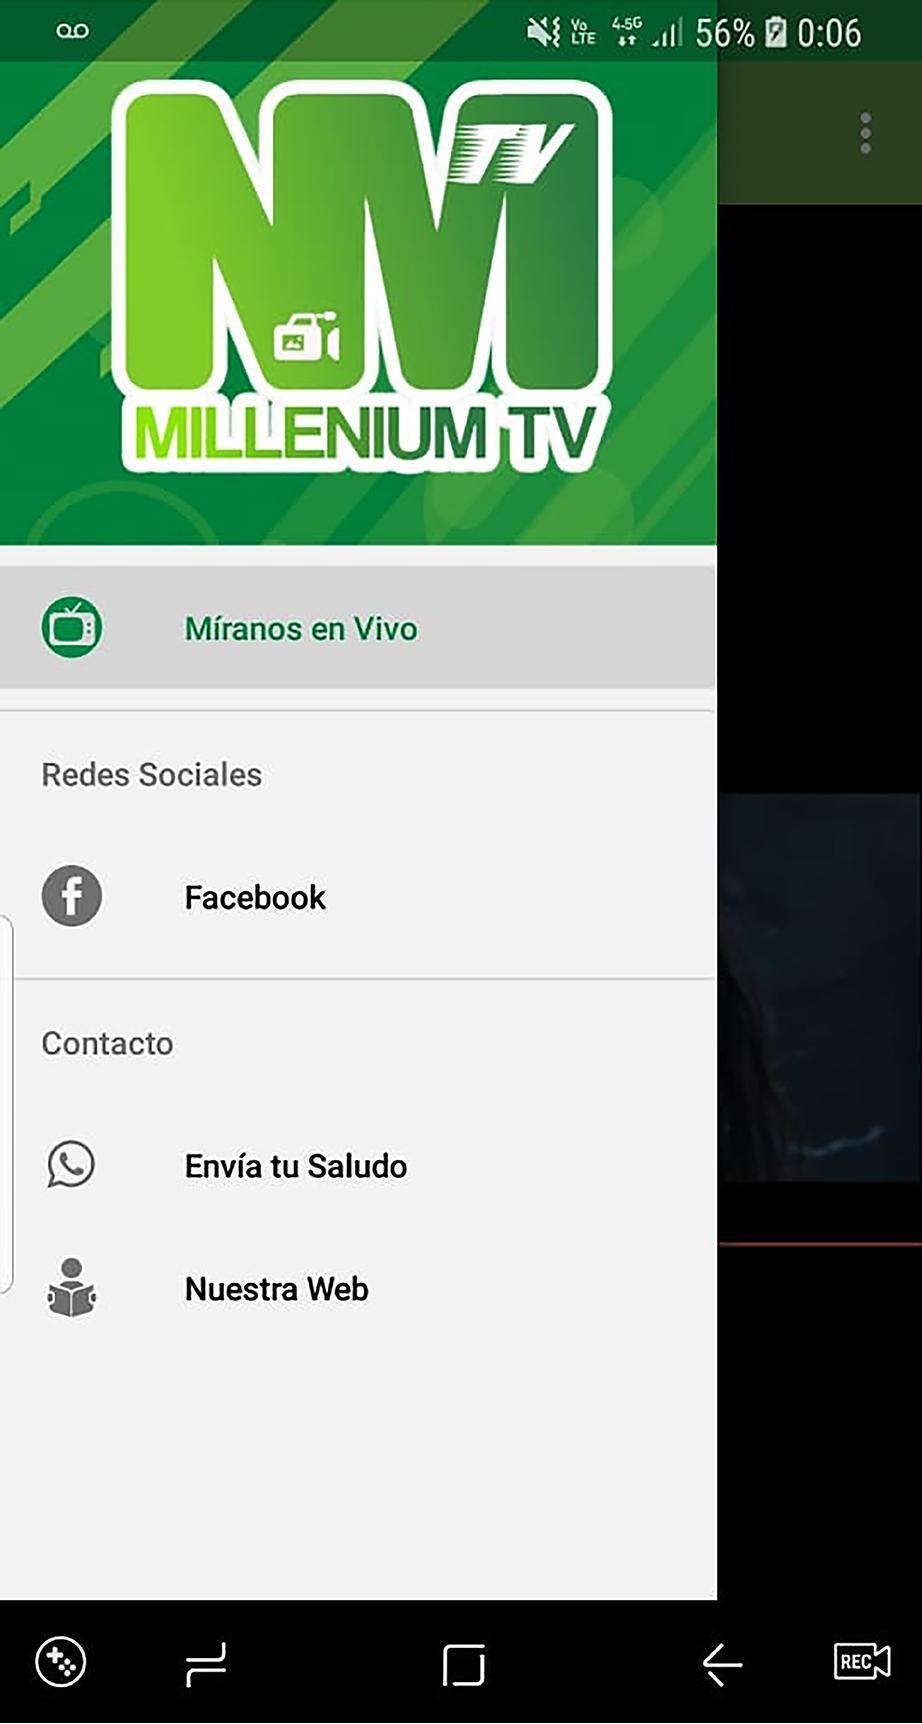 Millenium Tv poster